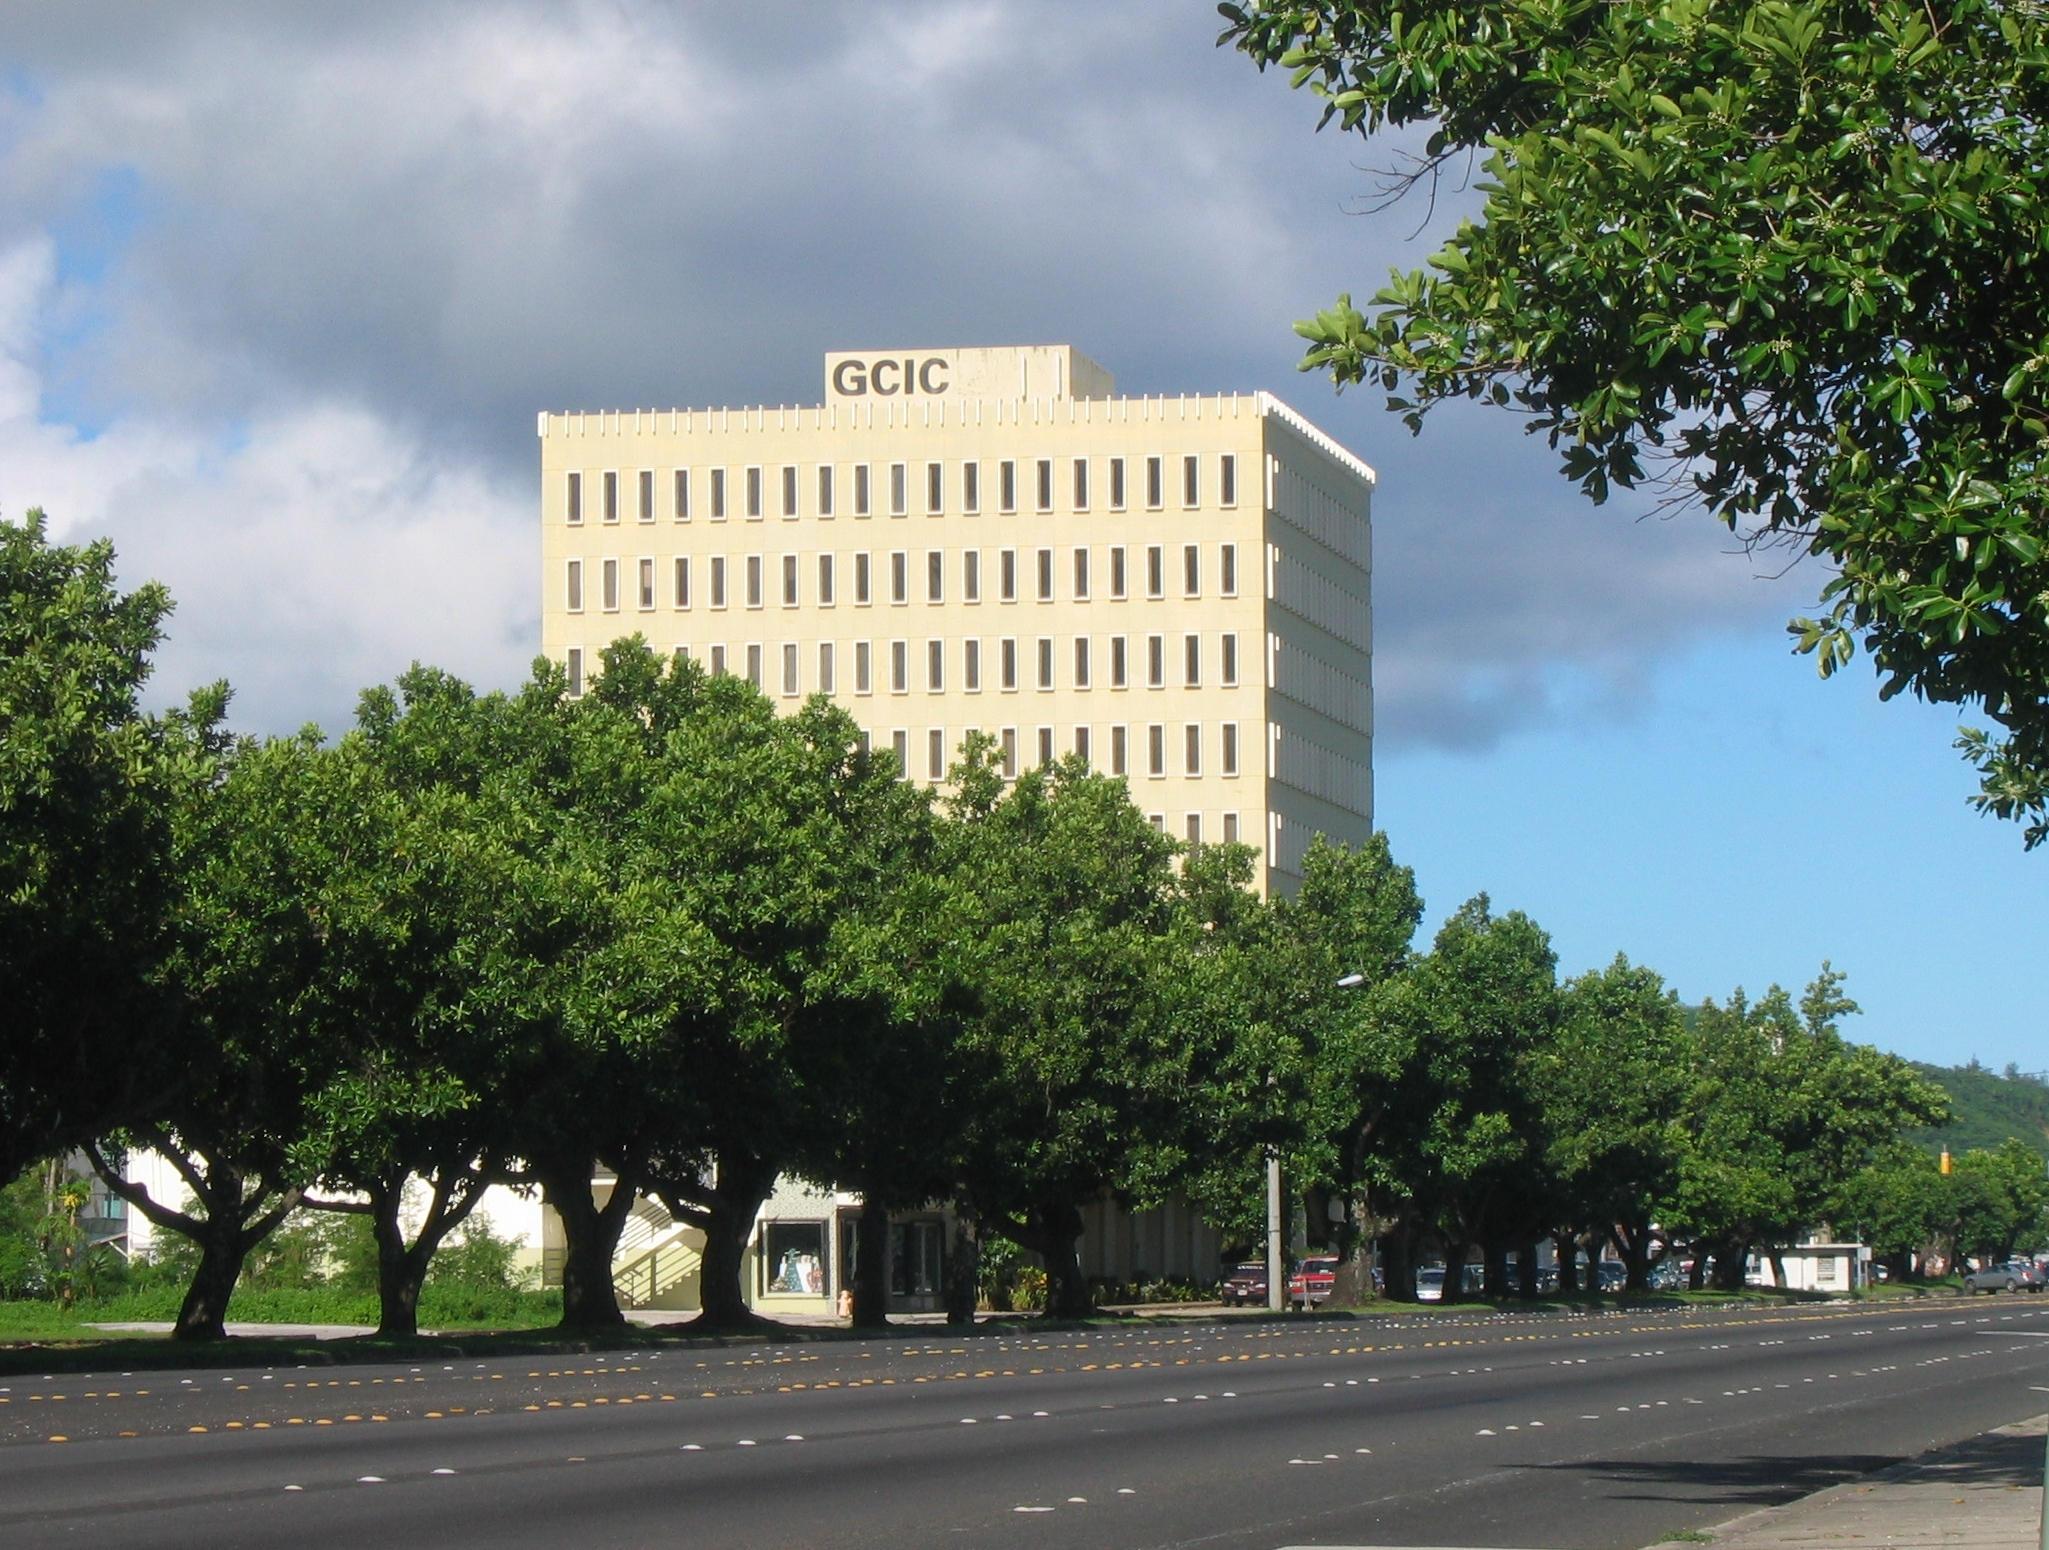 414 (500W) West Soledad Street 500-W, GCIC Building, Hagatna, GU 96910